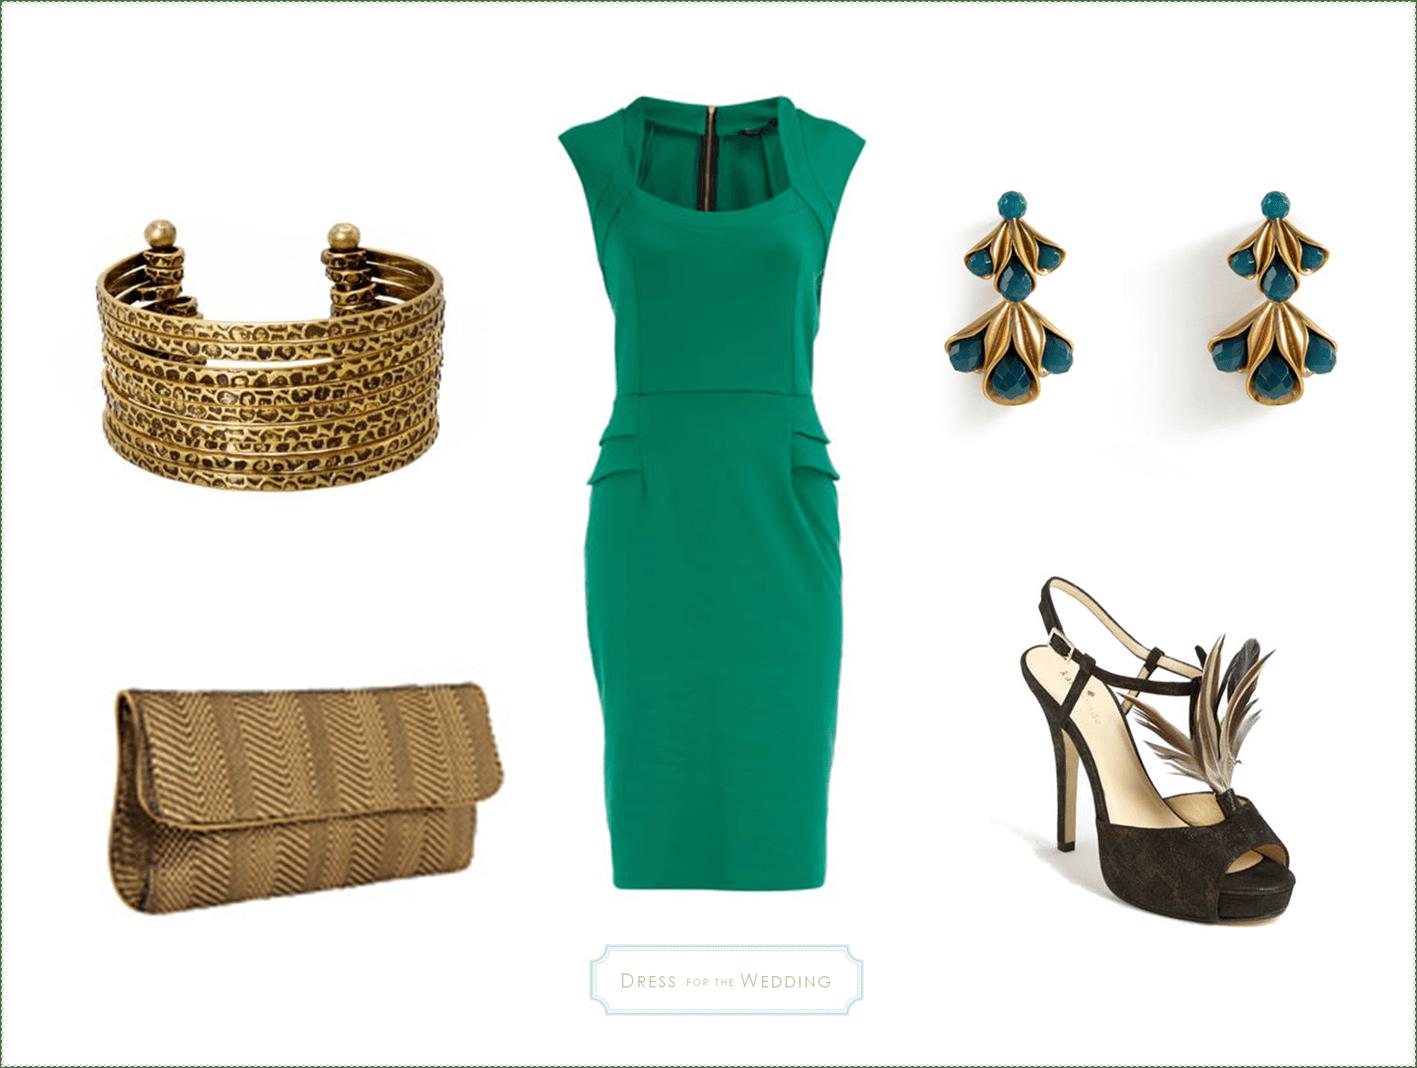 bijuterii-de-asortat-cu-rochia-verde